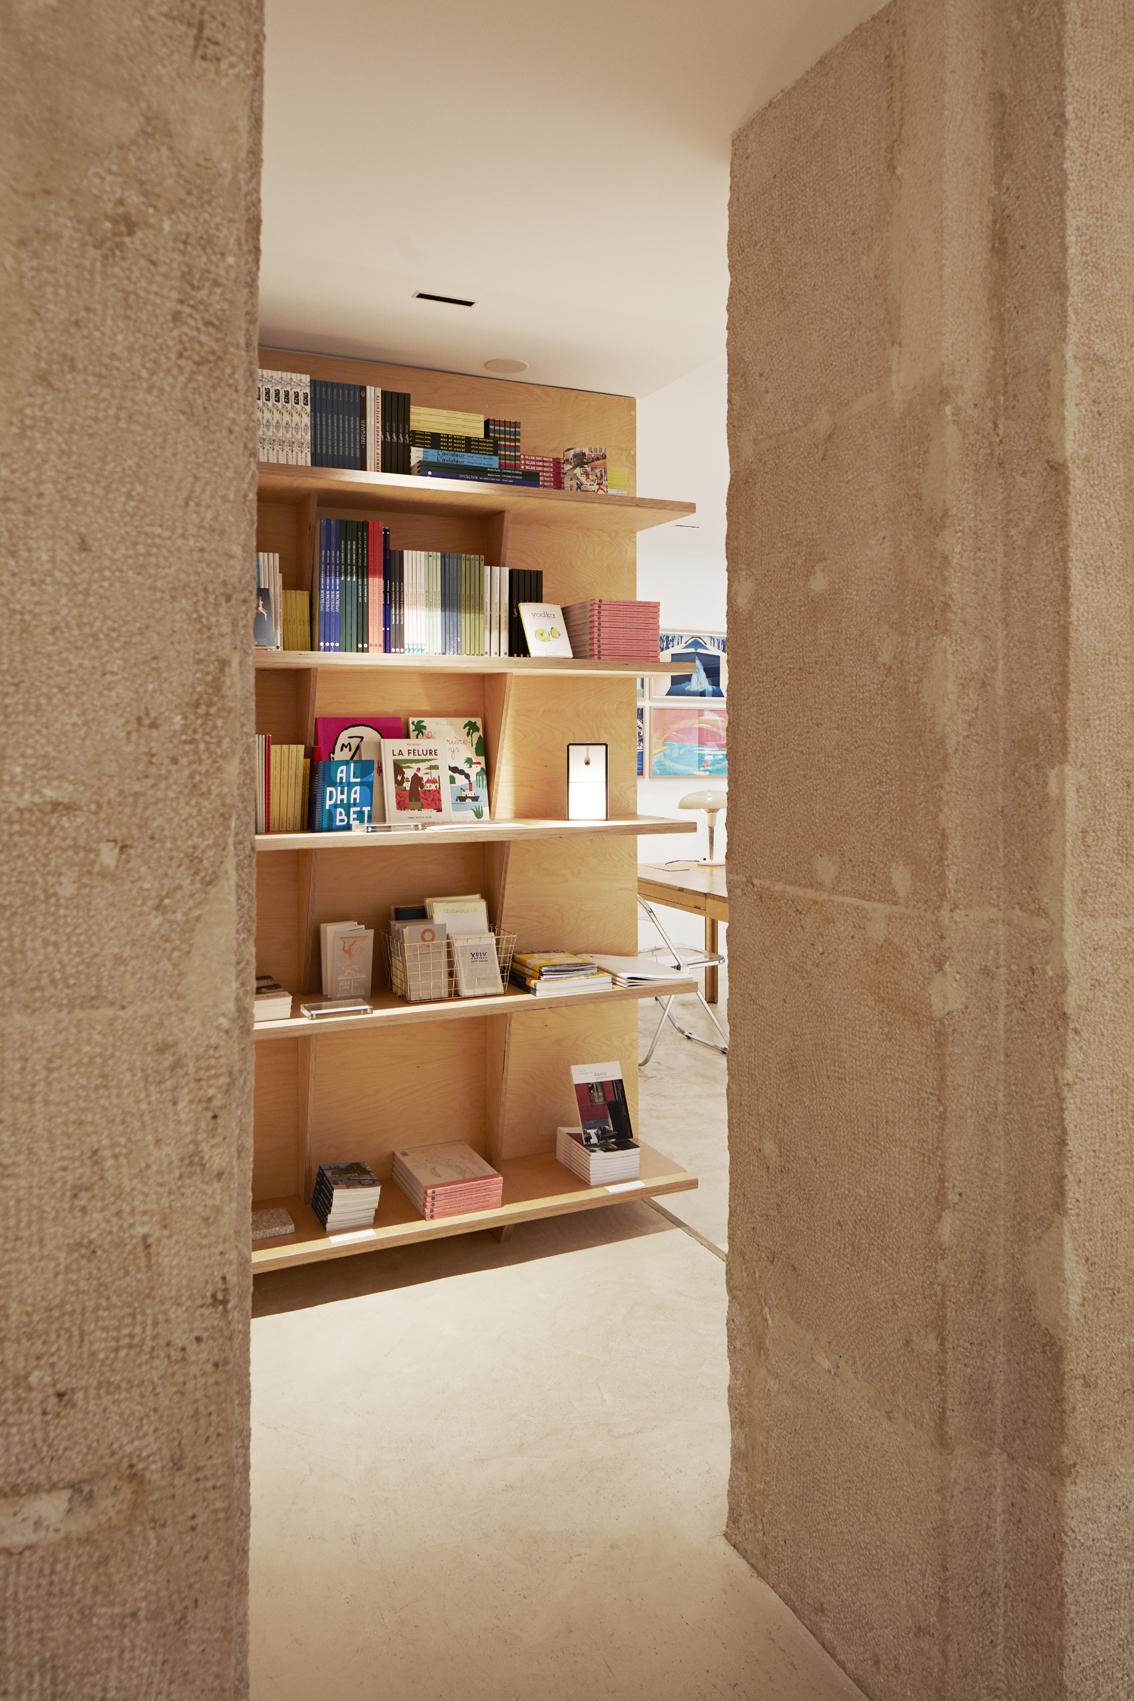 Atelier van Wassenhove_Galerie Le Treize Dix_07 ©Aurélien Chauvaudjpg